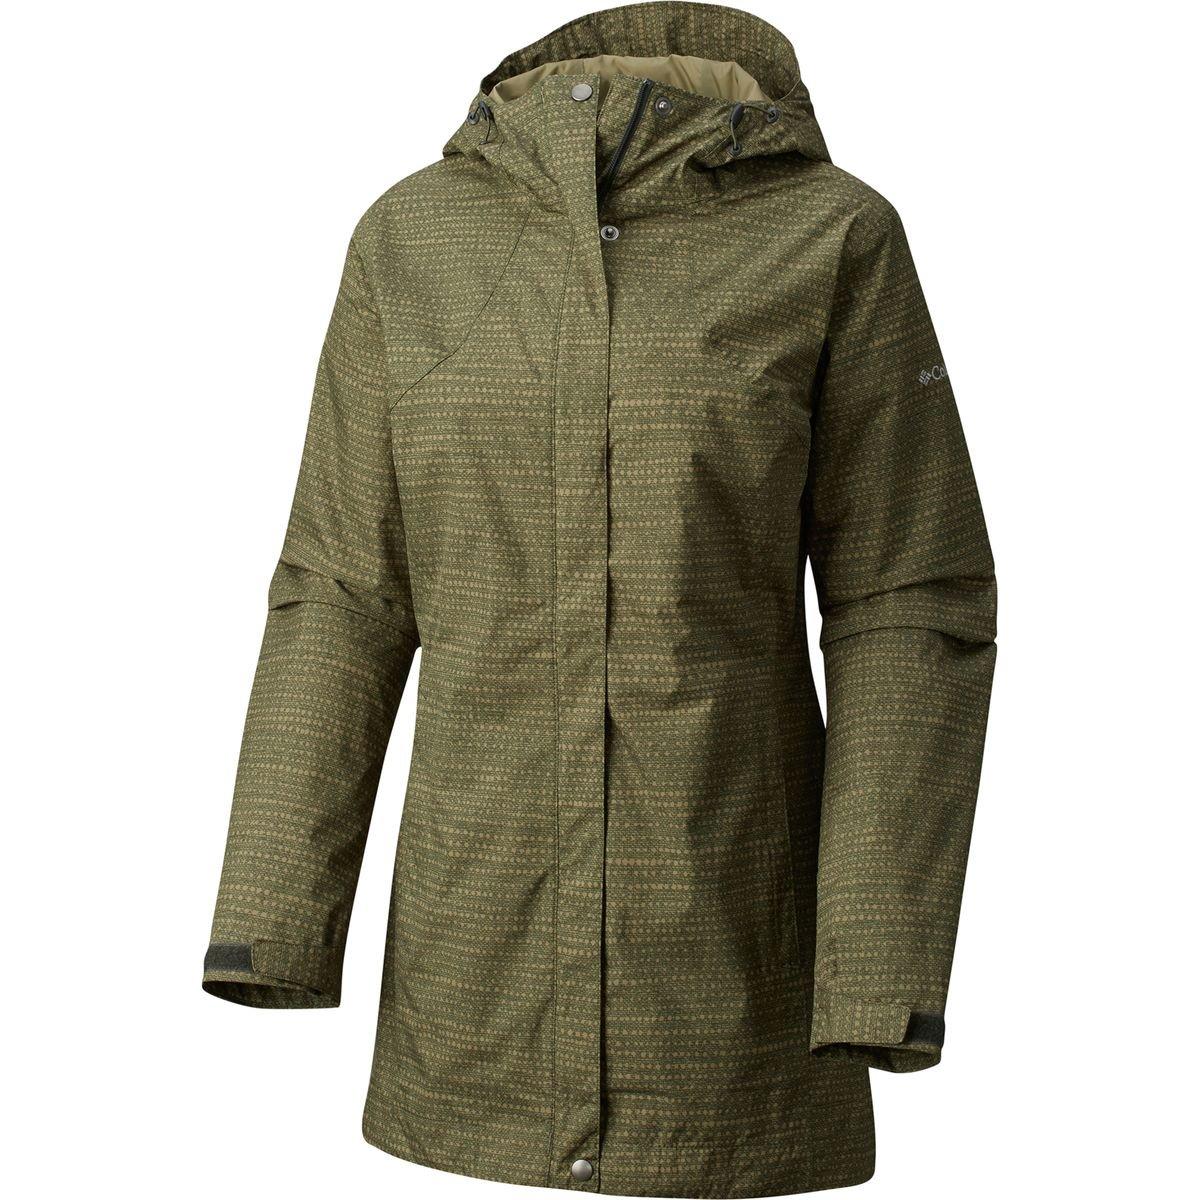 (コロンビア) Columbia Splash A Little Rain Jacket レディース ジャケットGravel Dotty Dye Print [並行輸入品] XS Gravel Dotty Dye Print B073VDYS86